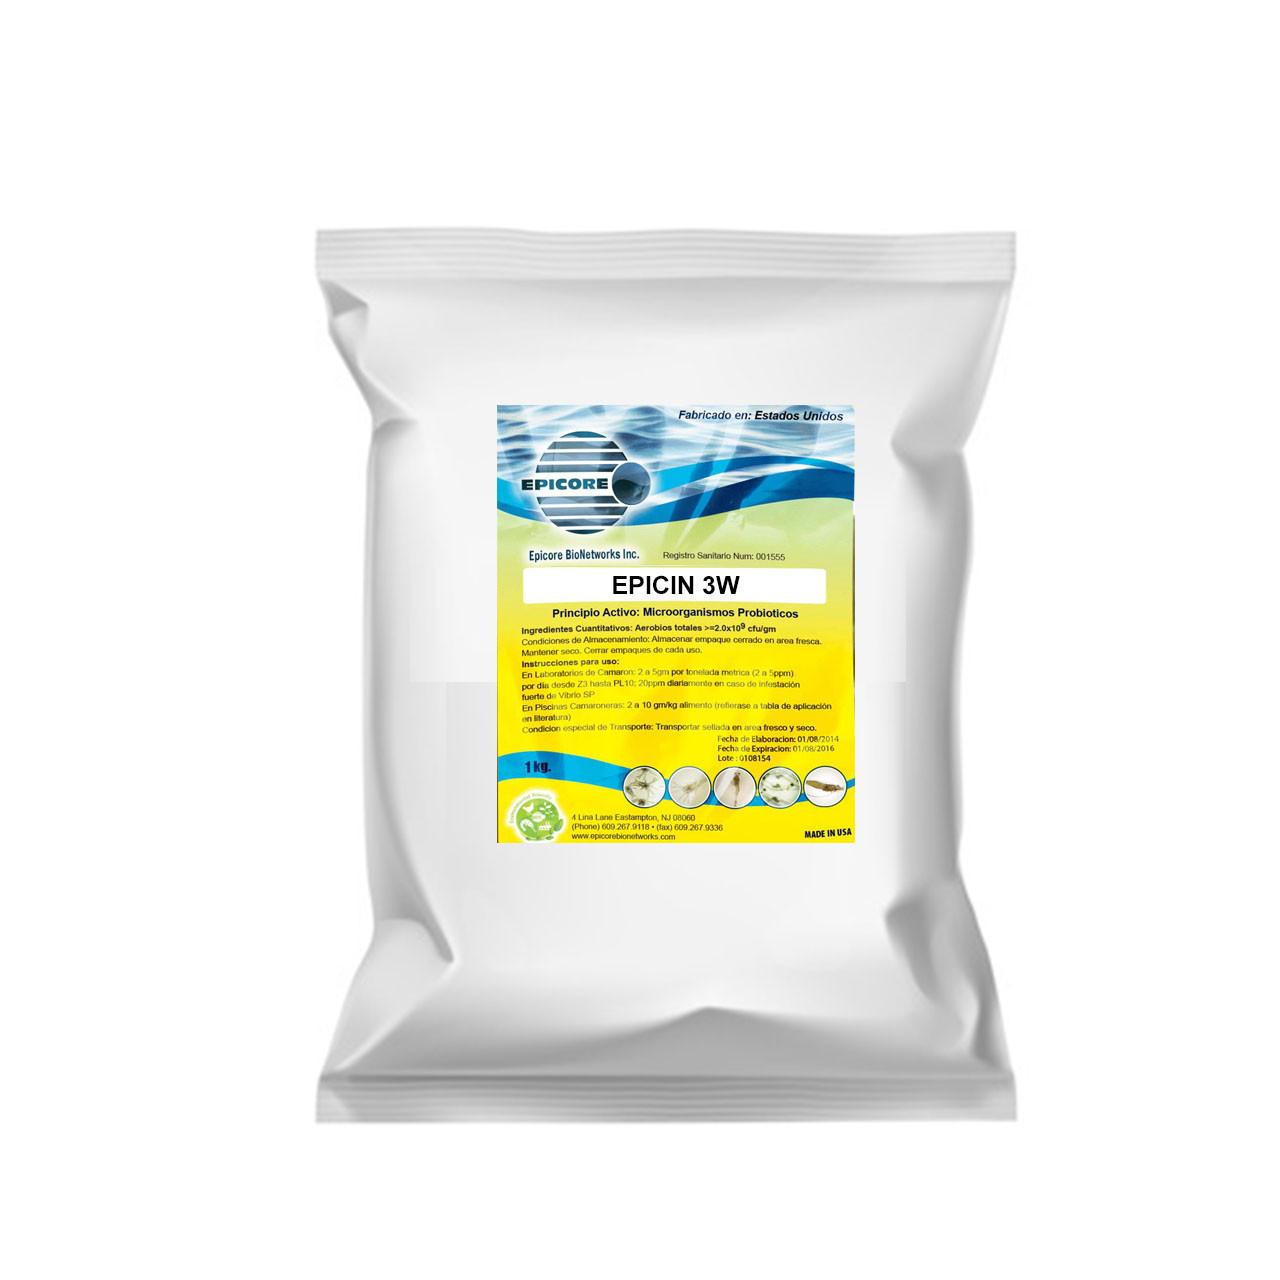 Probiotico EPICIN-3W